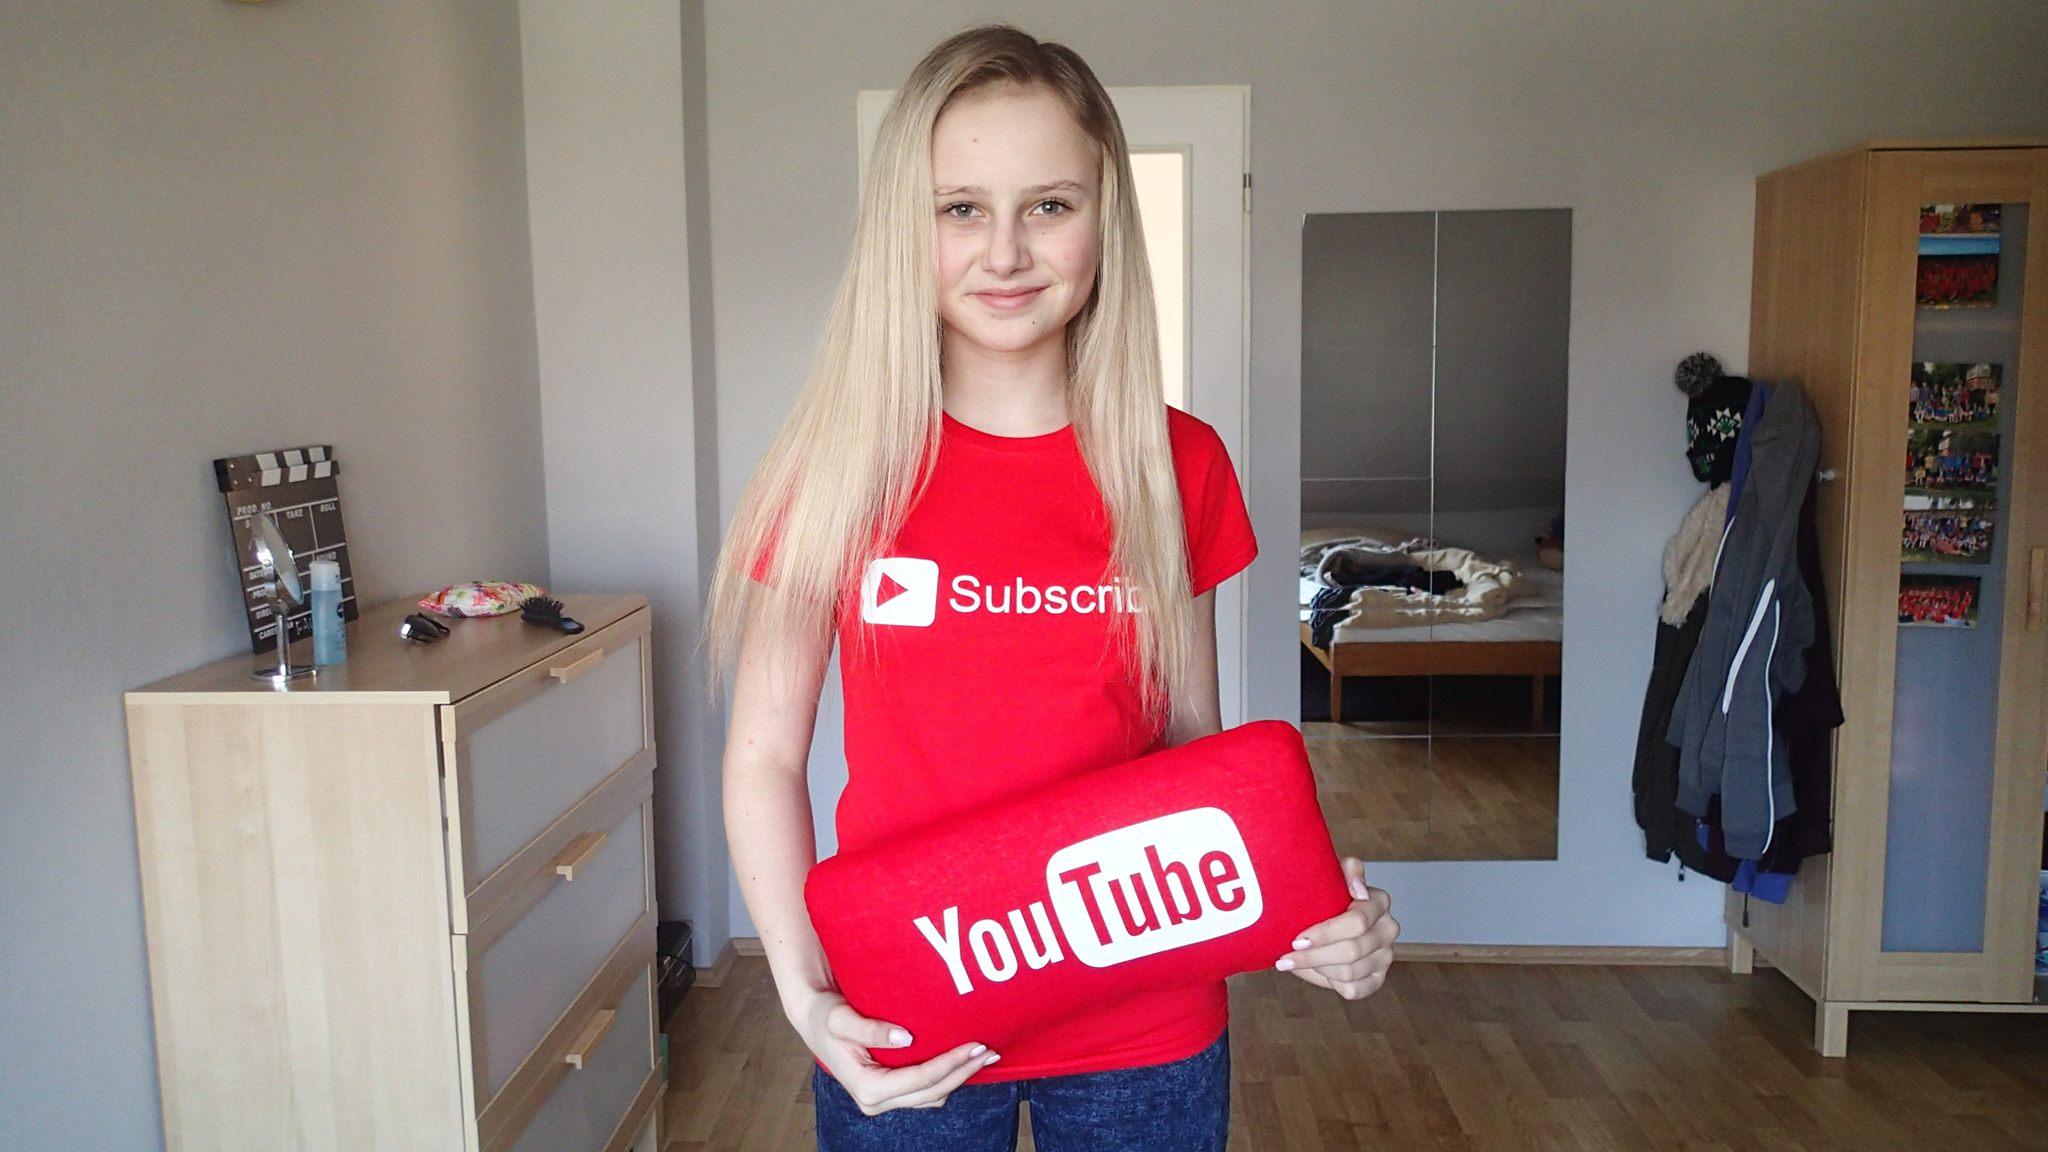 Fallenka - oblíbená youtuberka vždy a všude